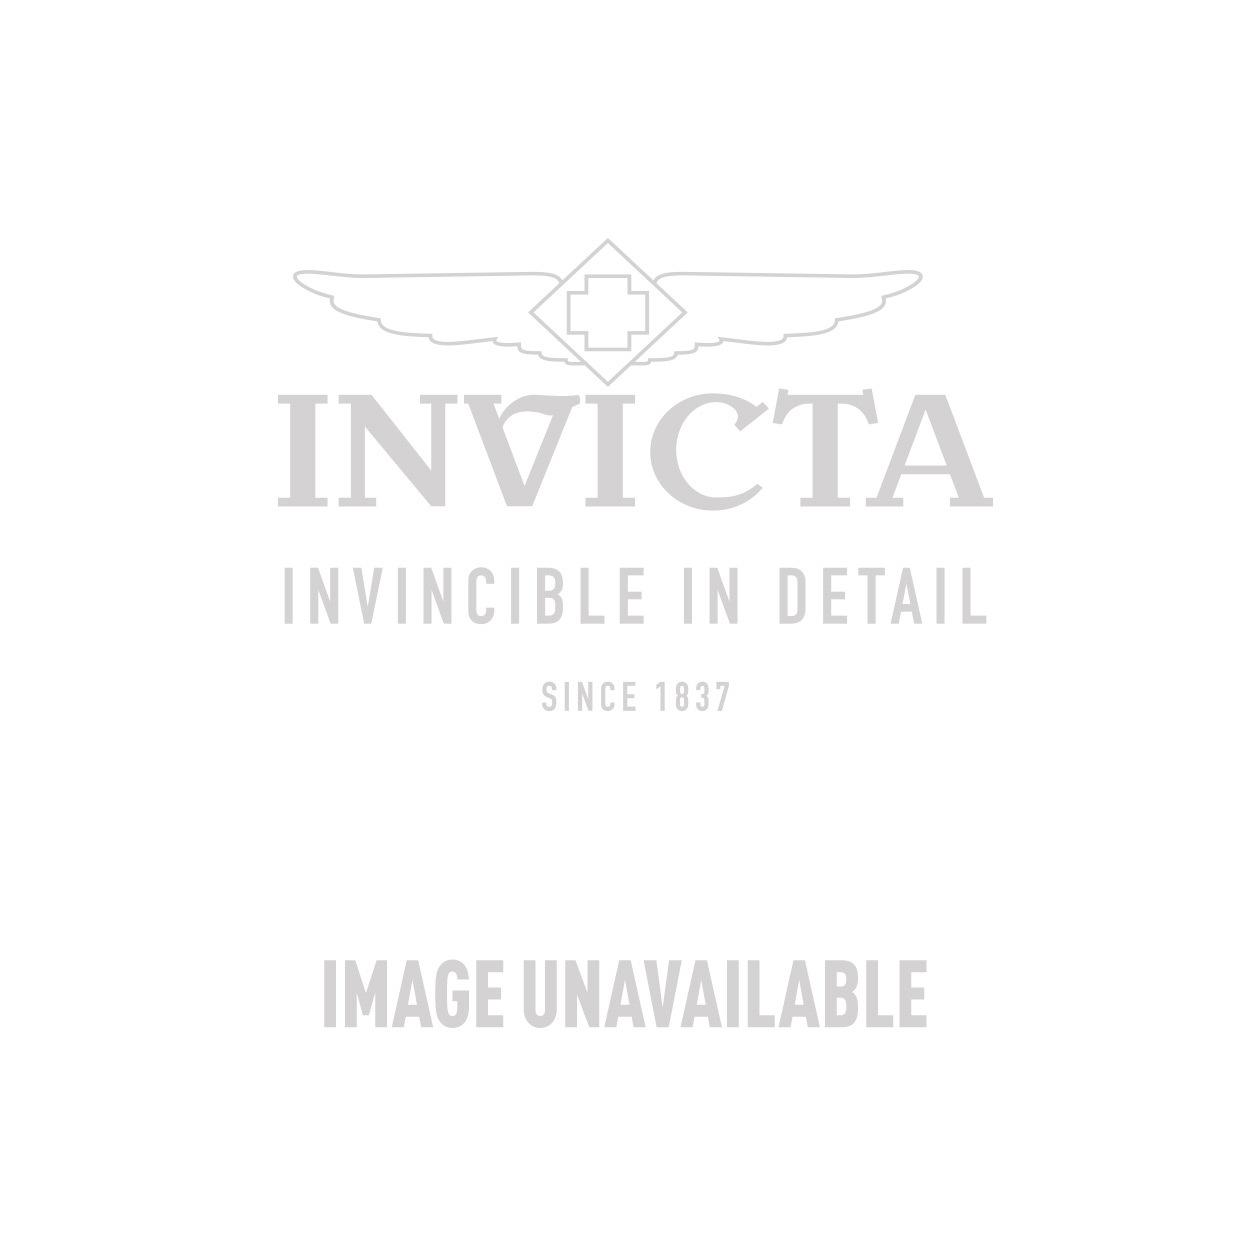 Invicta Model 29087